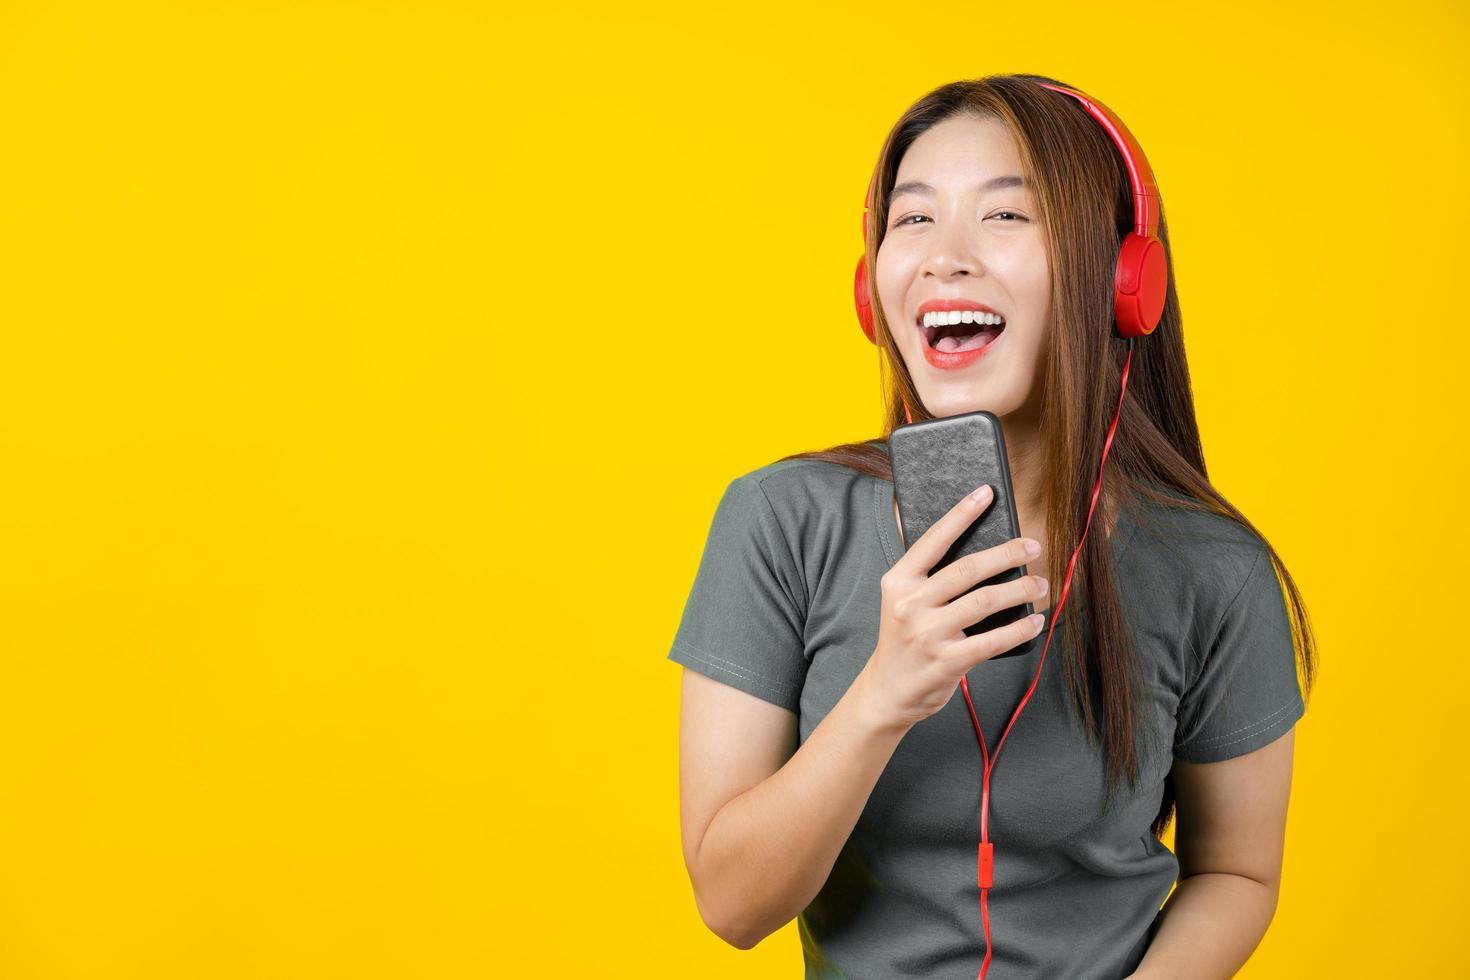 jonge Aziatische vrouw die aan muziek luistert foto